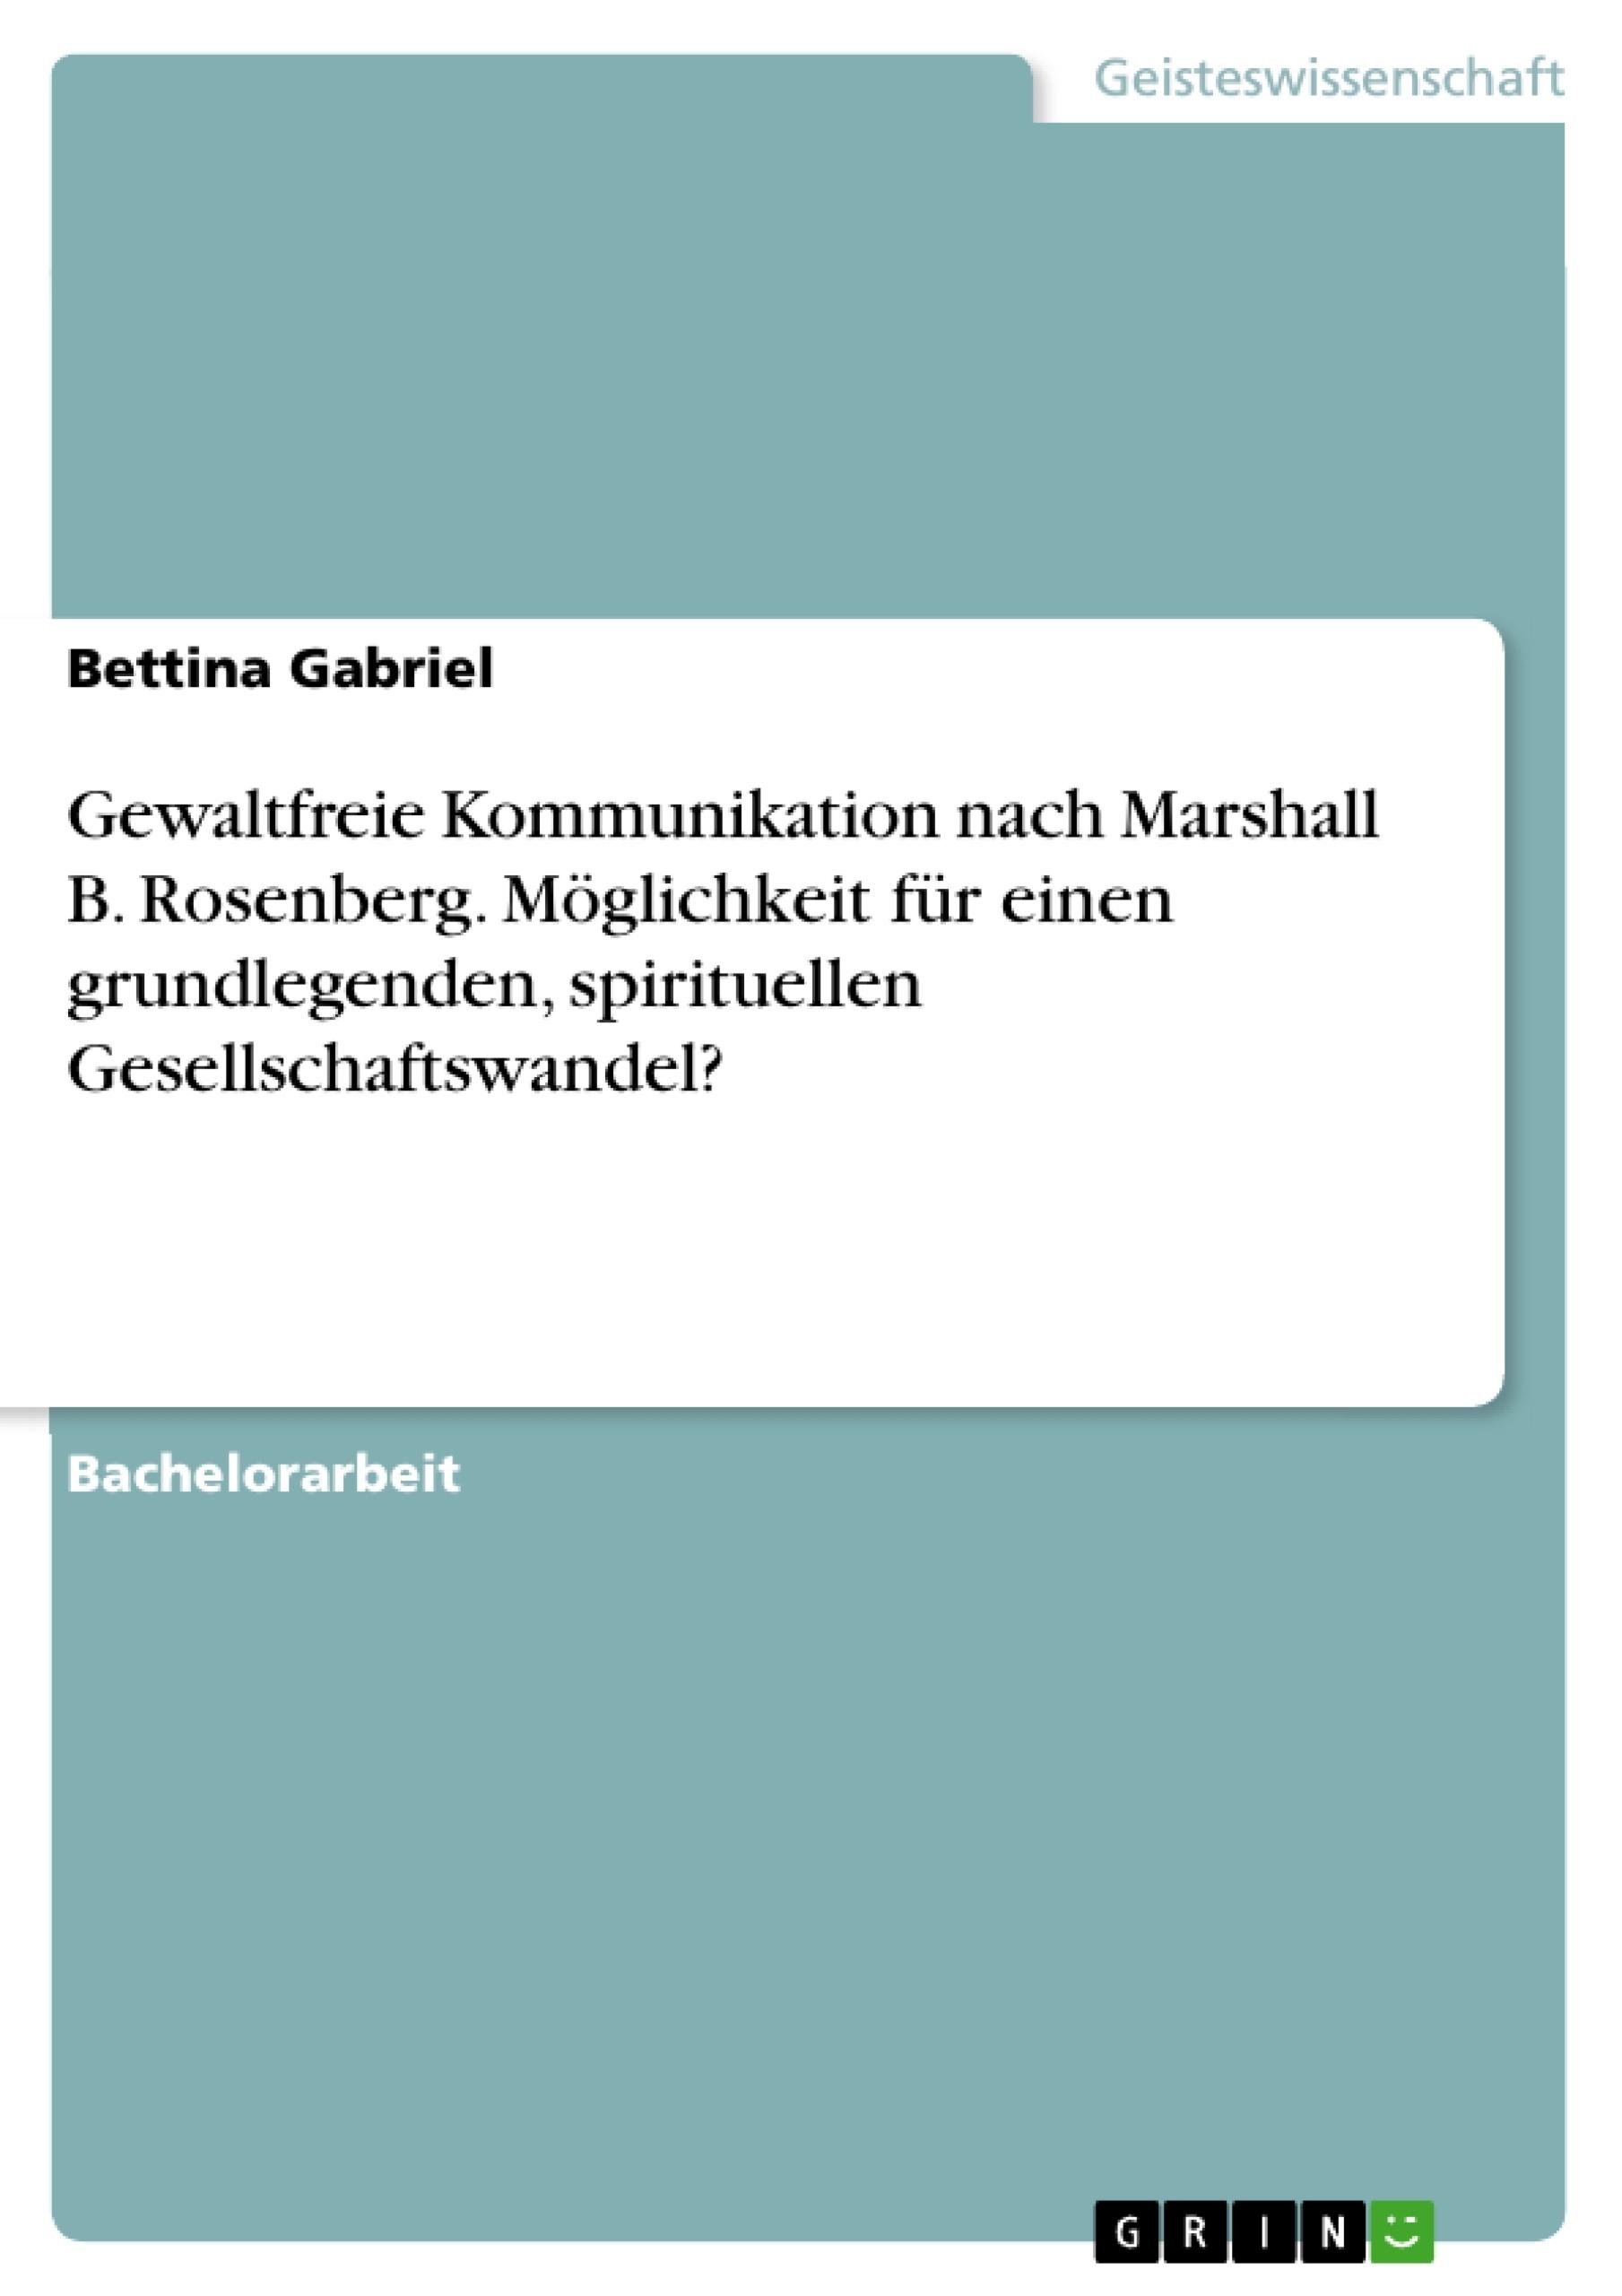 Titel: Gewaltfreie Kommunikation nach Marshall B. Rosenberg. Möglichkeit für einen grundlegenden, spirituellen Gesellschaftswandel?